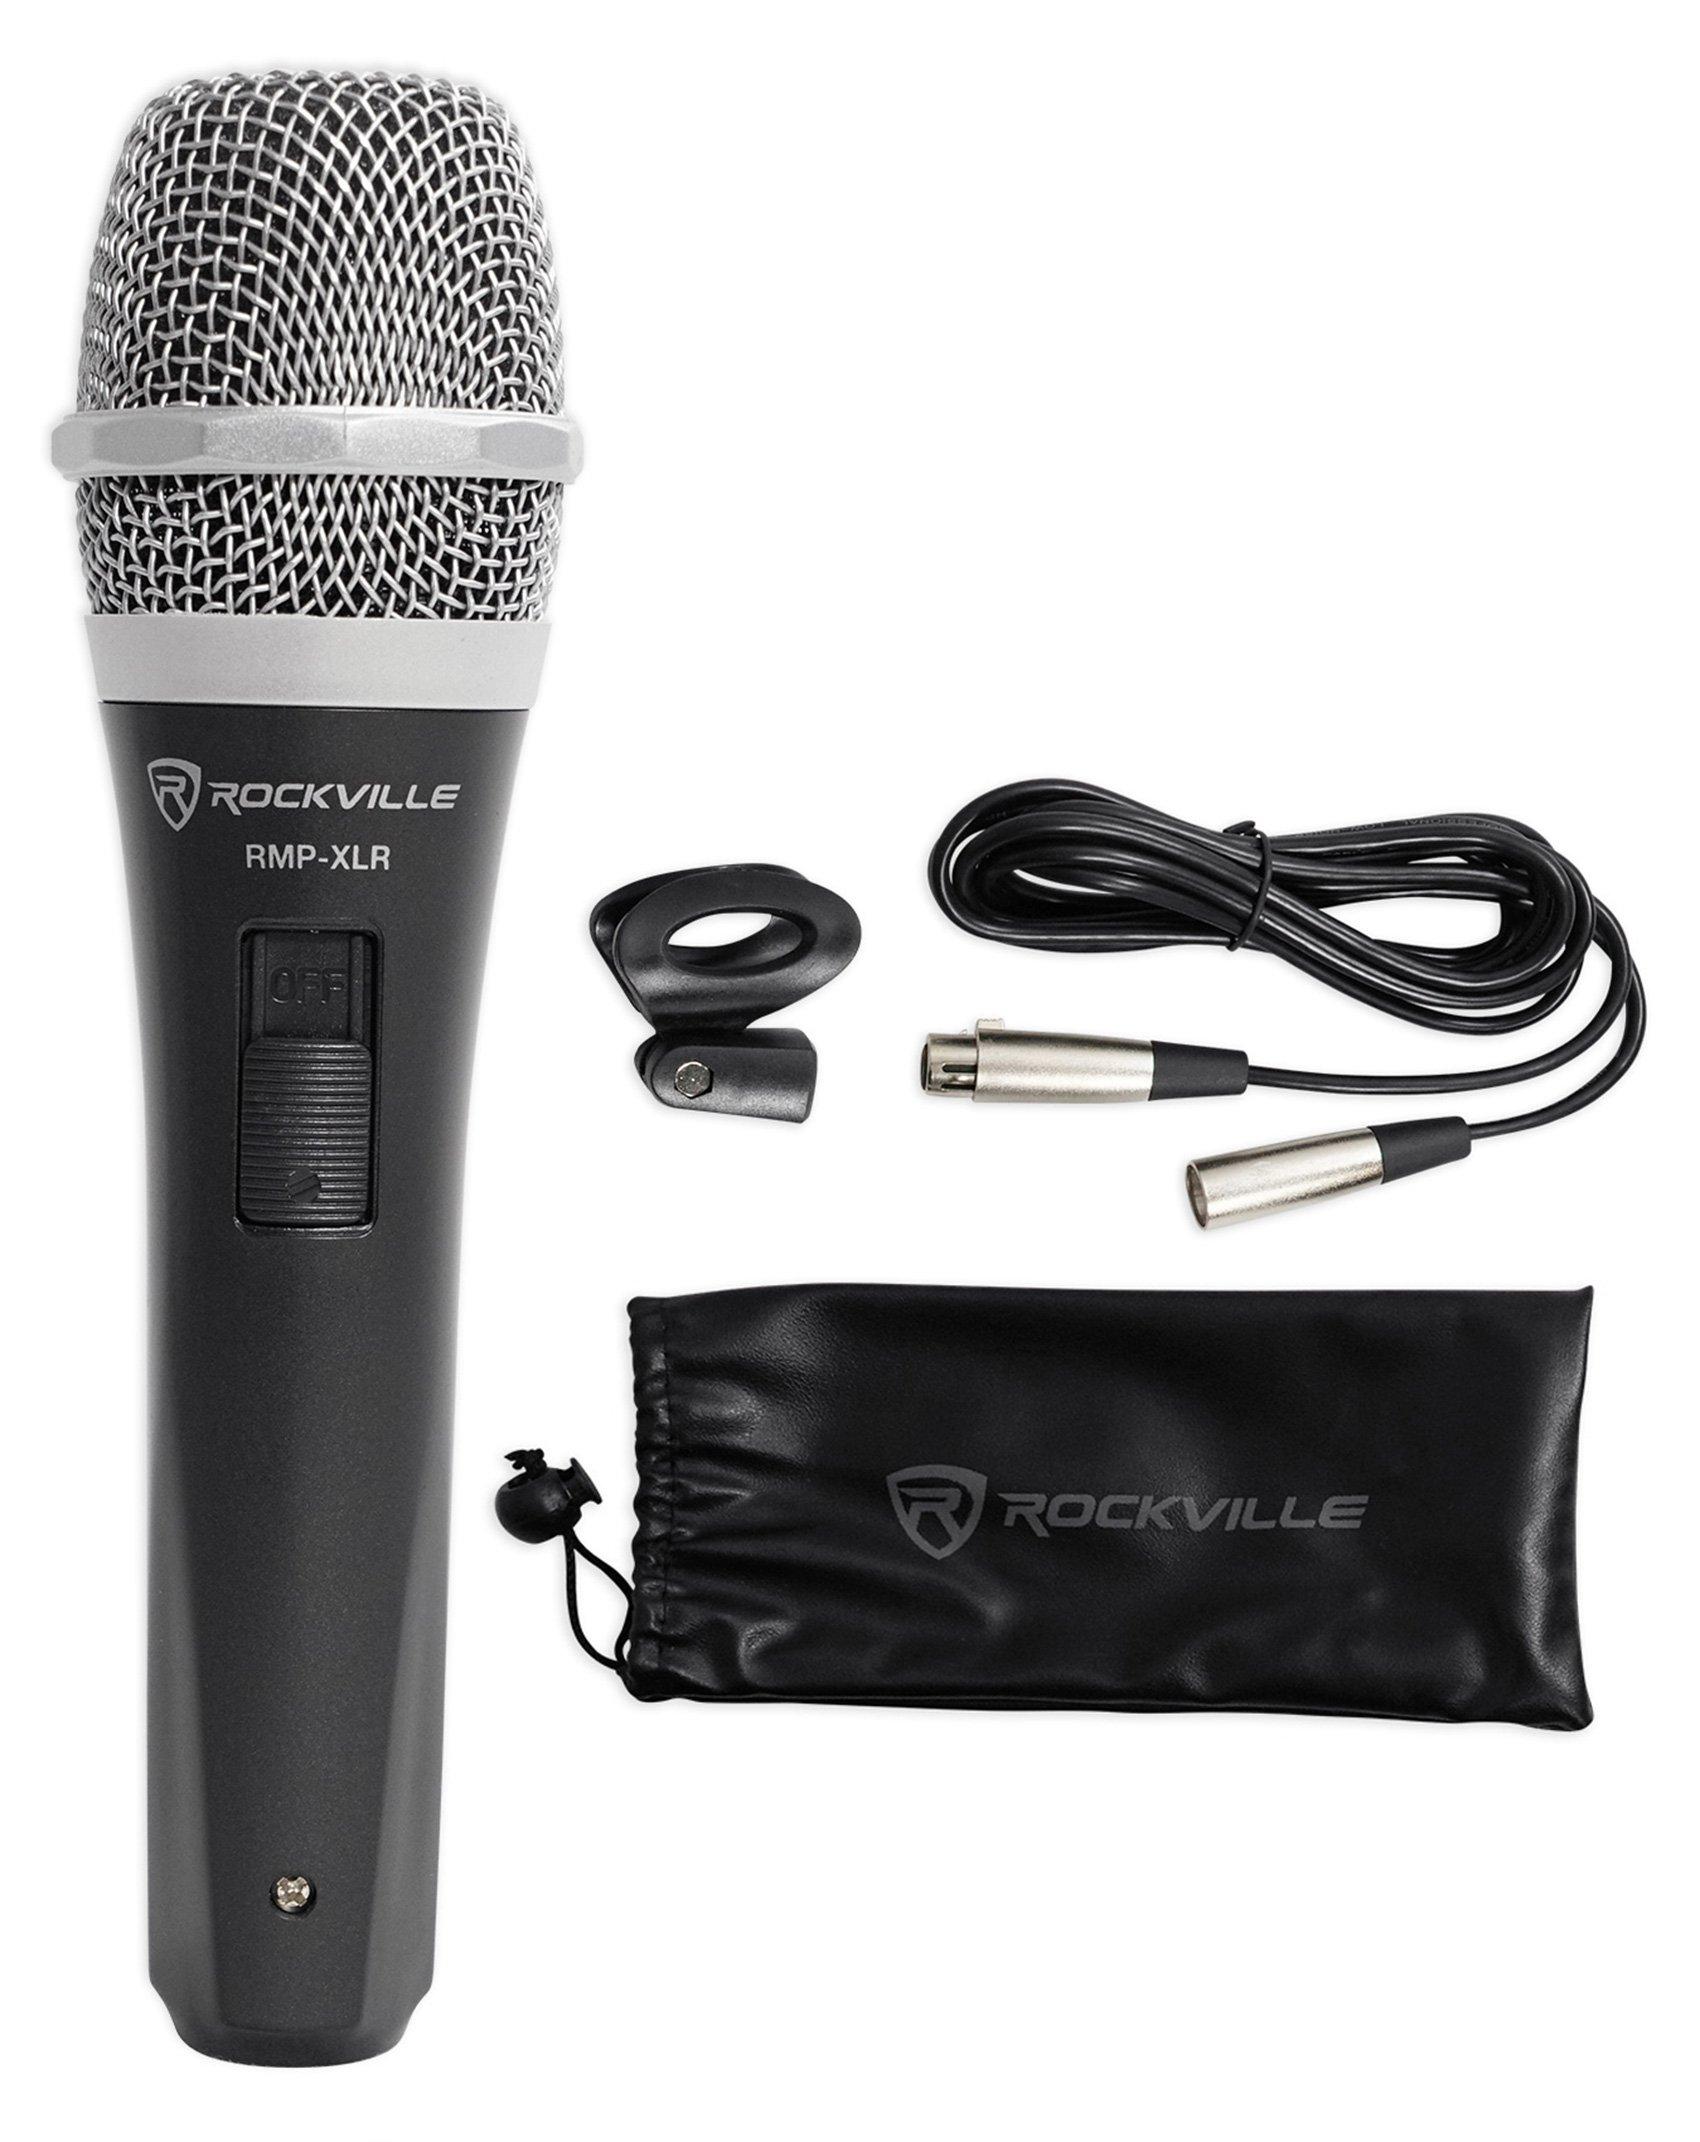 Microfono Rockville RMP-XLR Dynamic Cardiod Professional ...